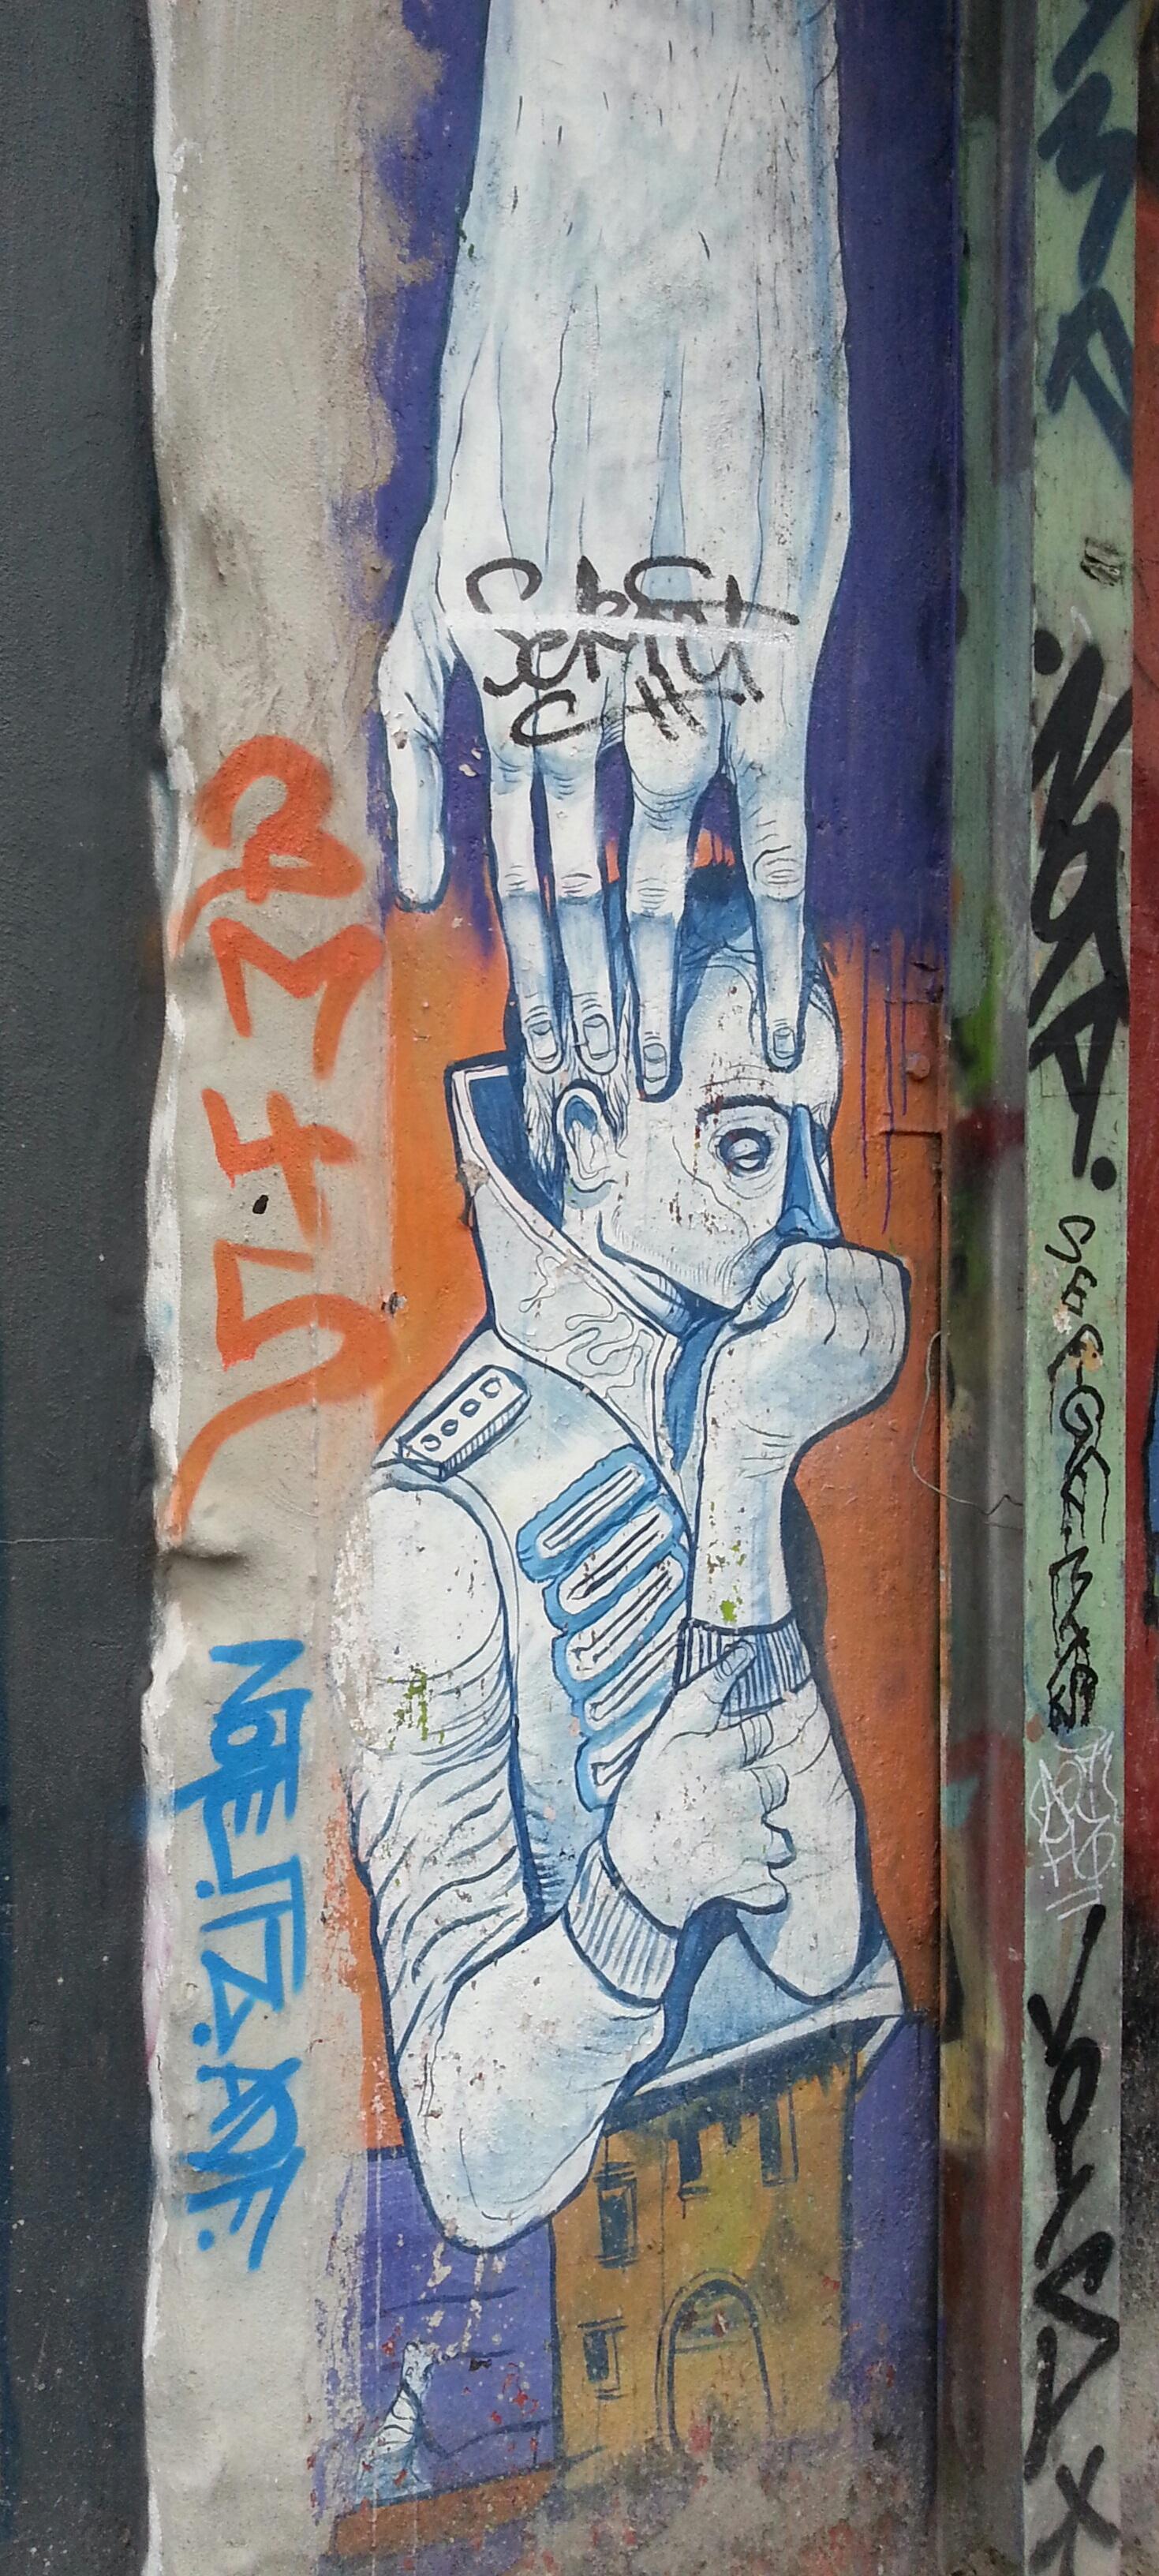 Fotoğraf Duvar Yazısı Boyama Sokak Sanatı Sanat Eskiz çizim